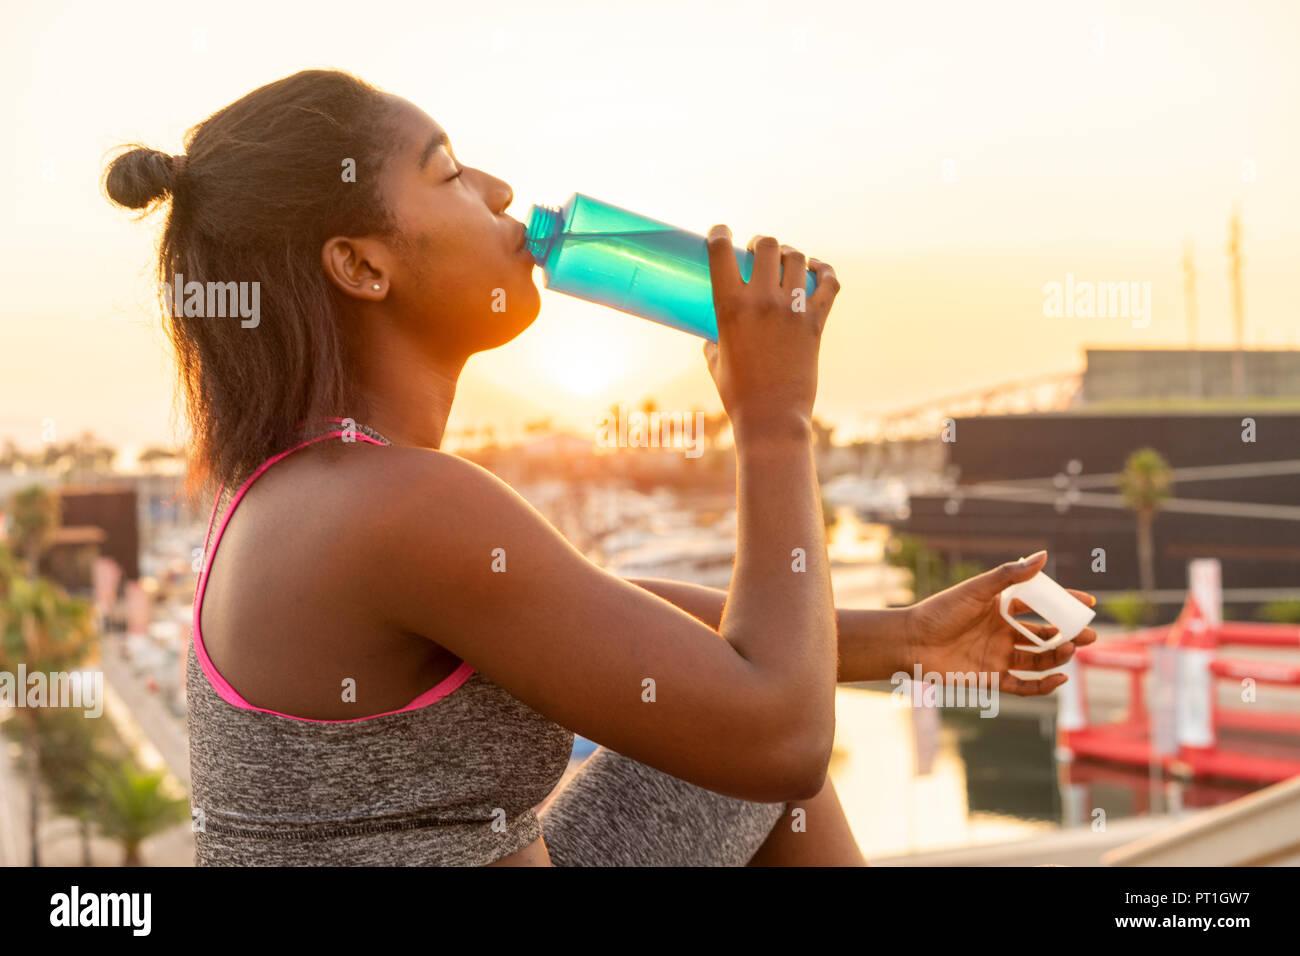 Mujer joven agua potable durante el trabajo fuera Foto de stock